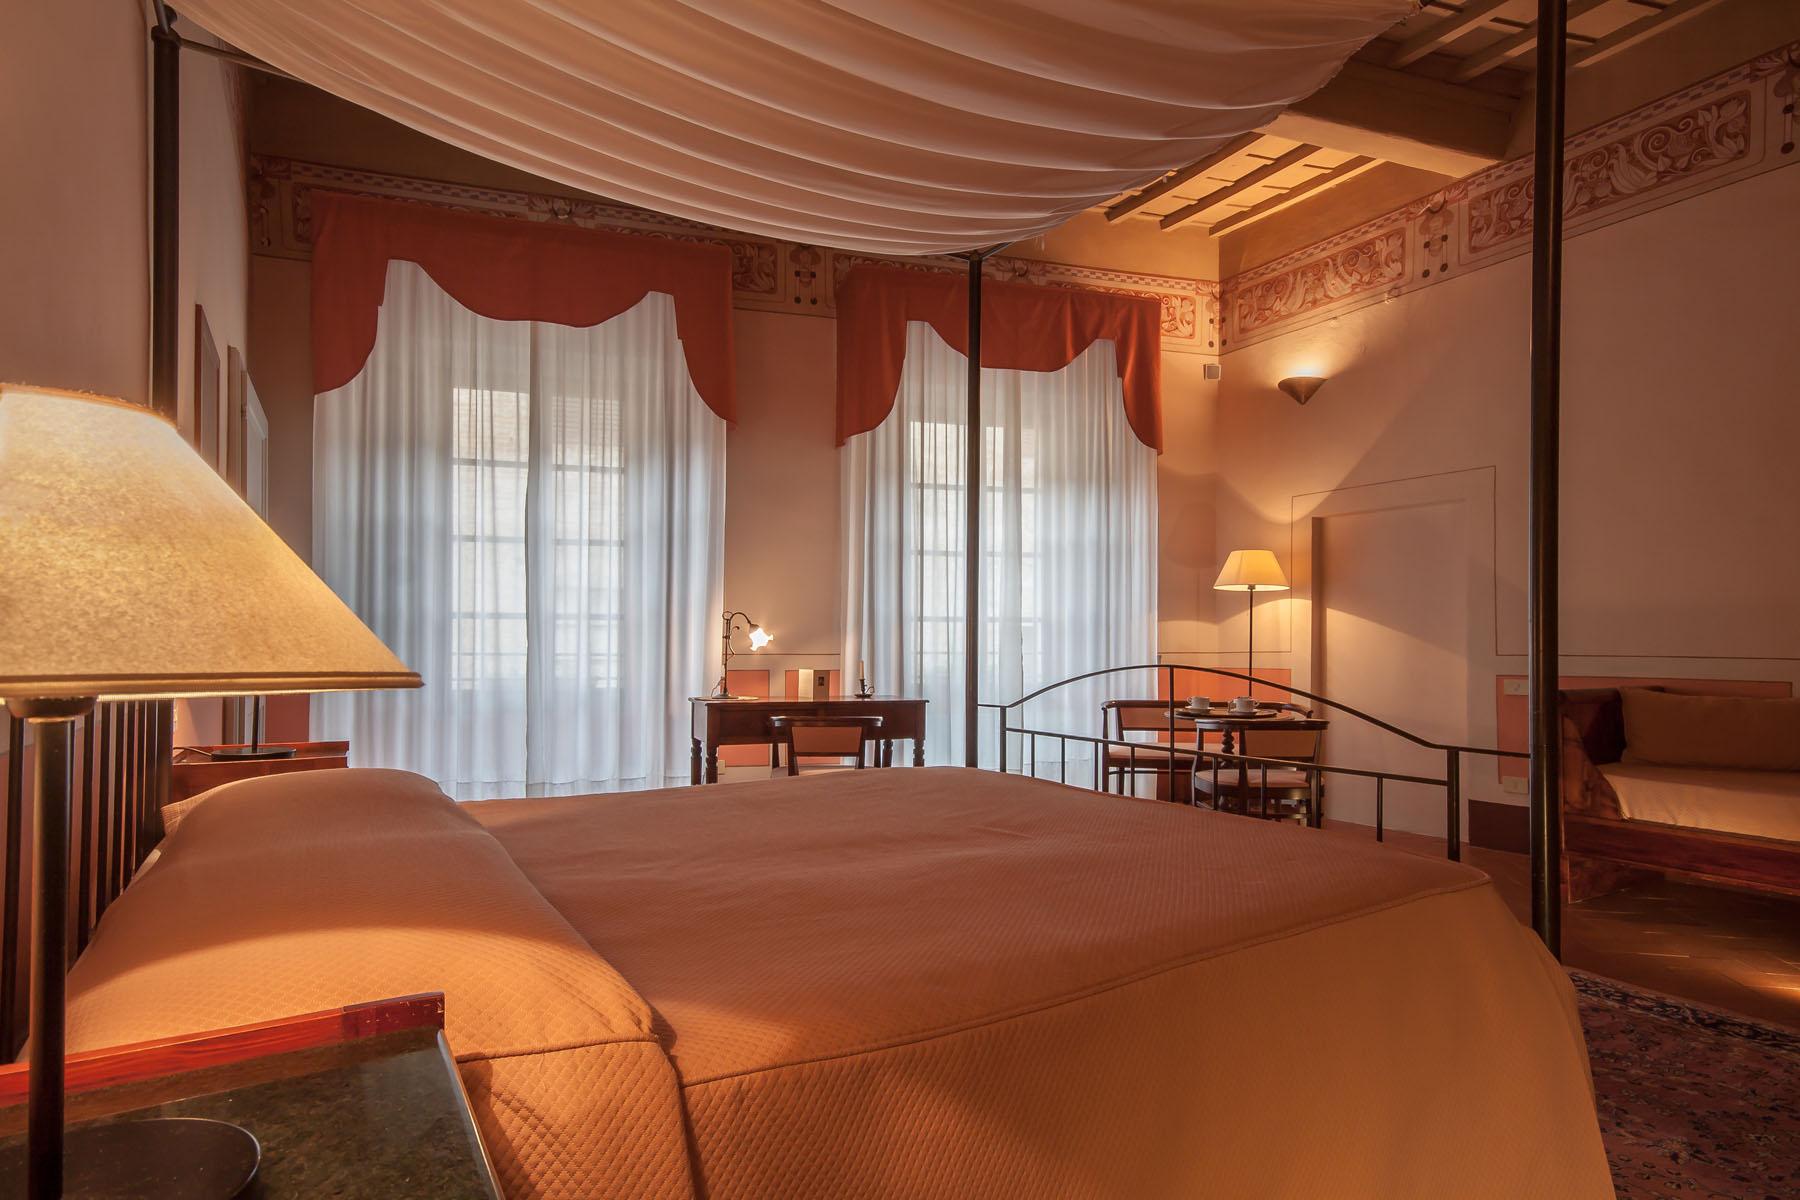 hotel-antico-pozzo-16a